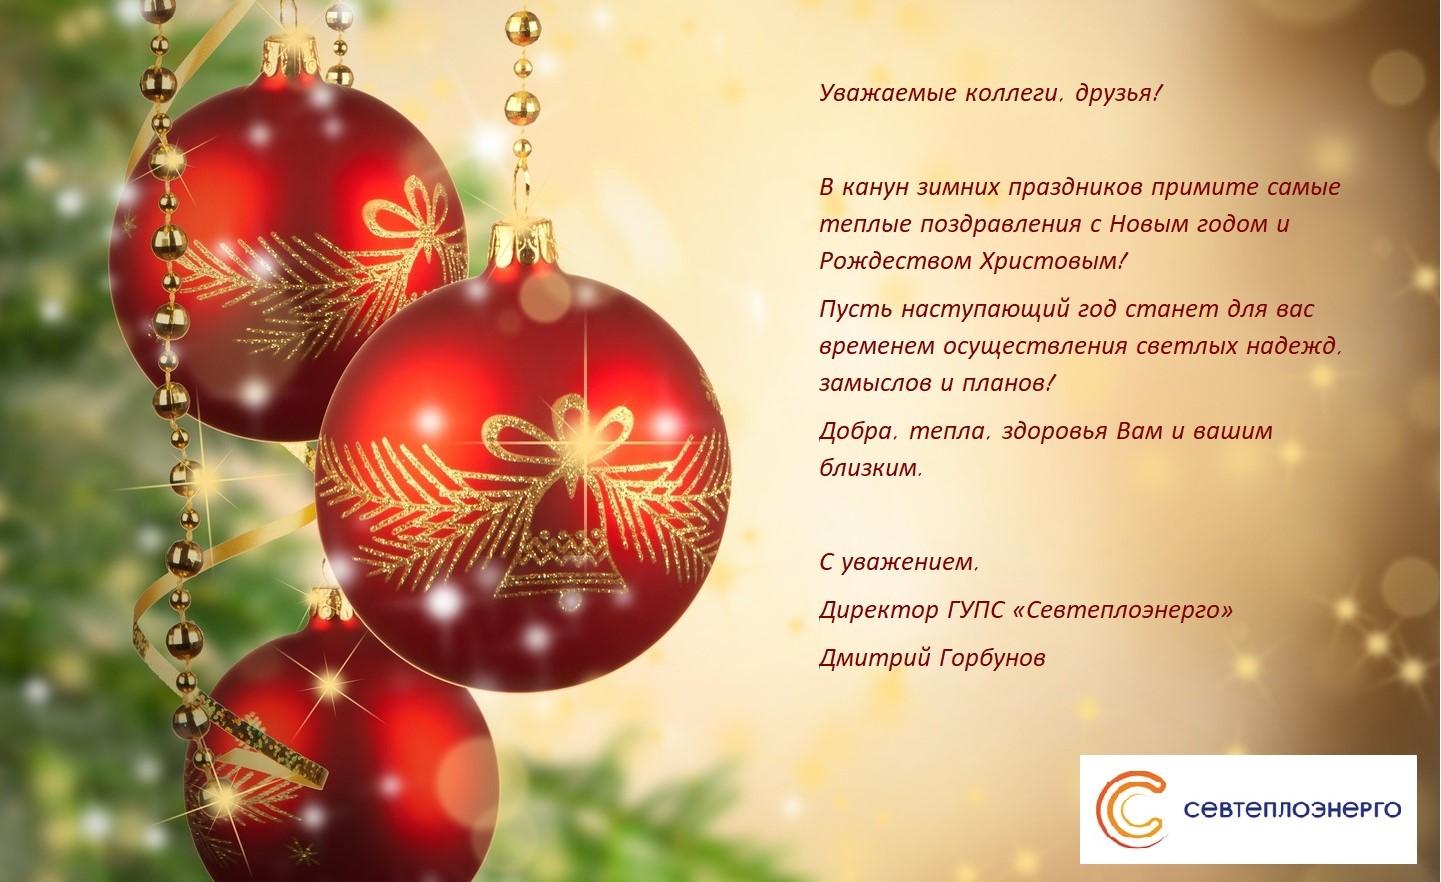 С наступающим Новым, 2021 годом и Рождеством Христовым!